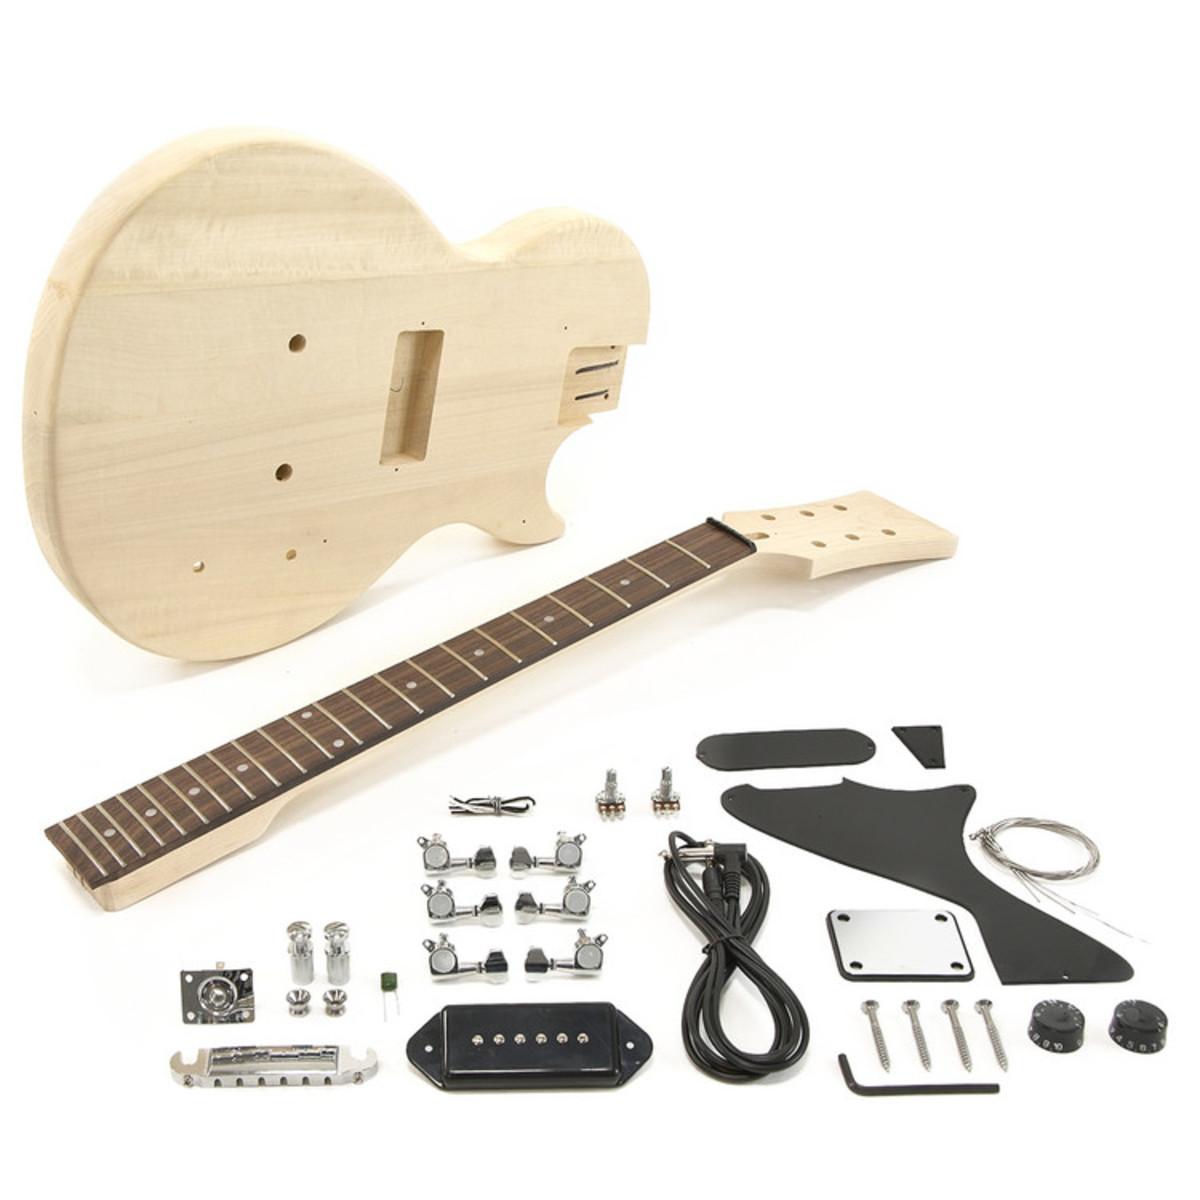 guitare lectrique de new jersey jr kit de bricolage ex. Black Bedroom Furniture Sets. Home Design Ideas